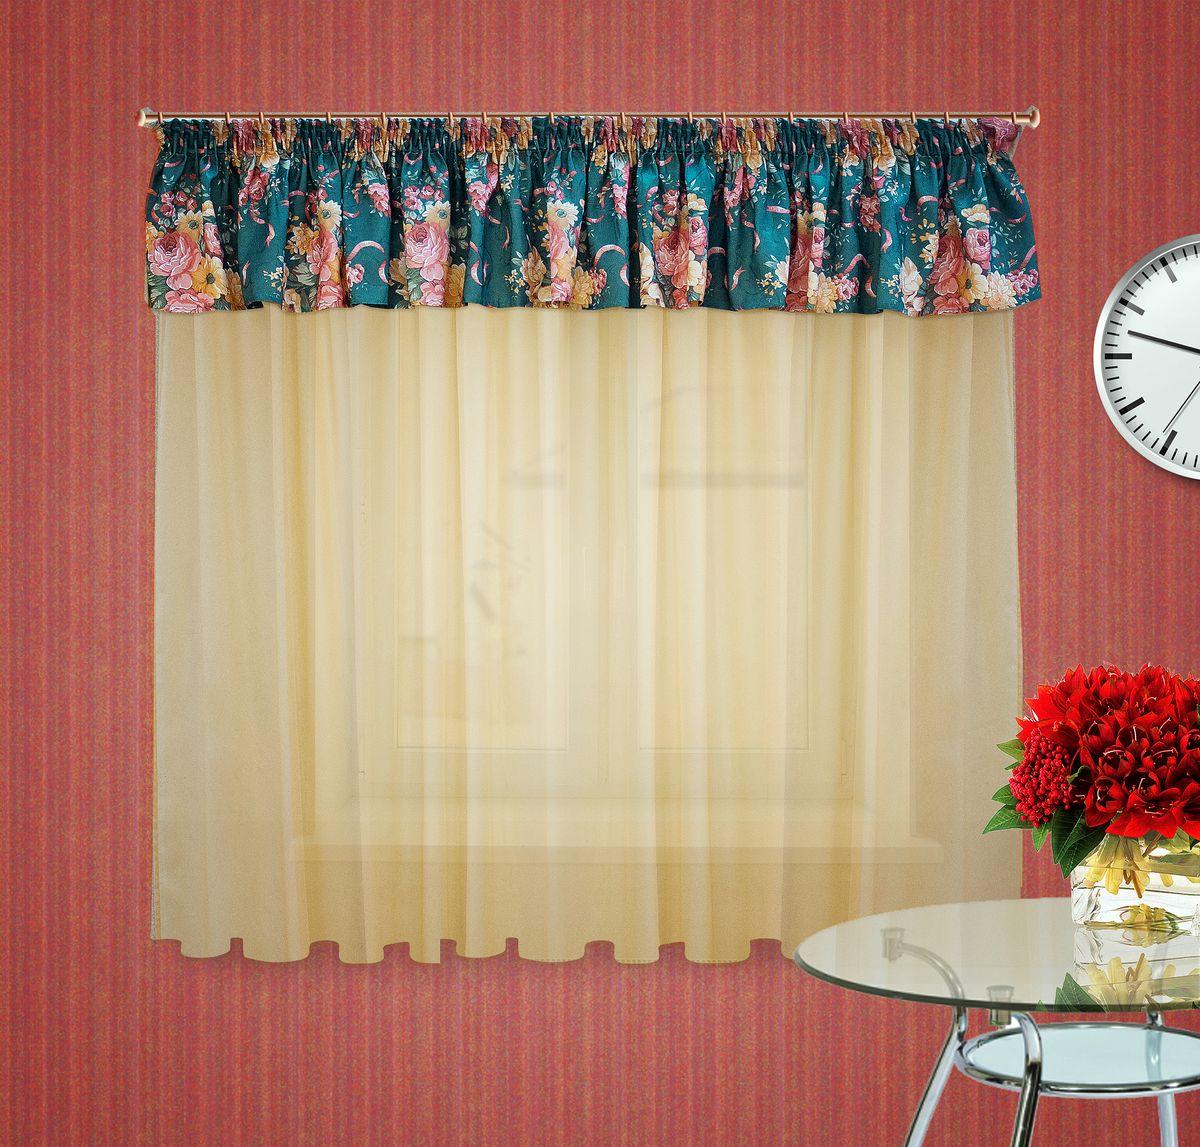 Тюлевое полотно Zlata Korunka. 5555410281Комплект штор на шторной ленте , Ламбрекен : 400*50см 1шт, ткань печатный сатен с орнаментом крупного цветка, Тюлевое полотно из вуали цвет: светлый беж размером: 300*180